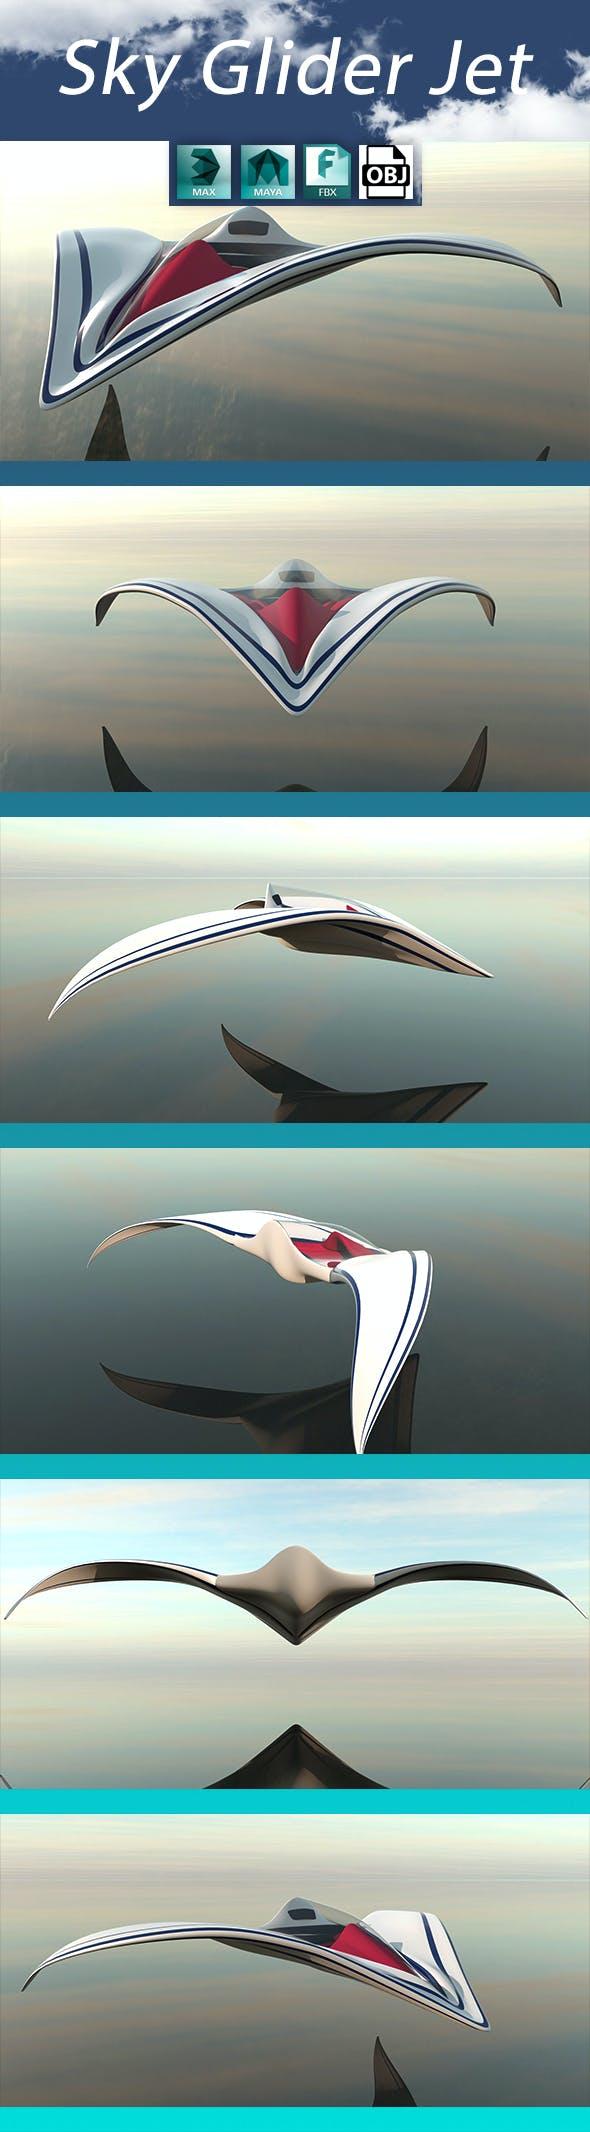 SKY GLIDER JET - 3DOcean Item for Sale